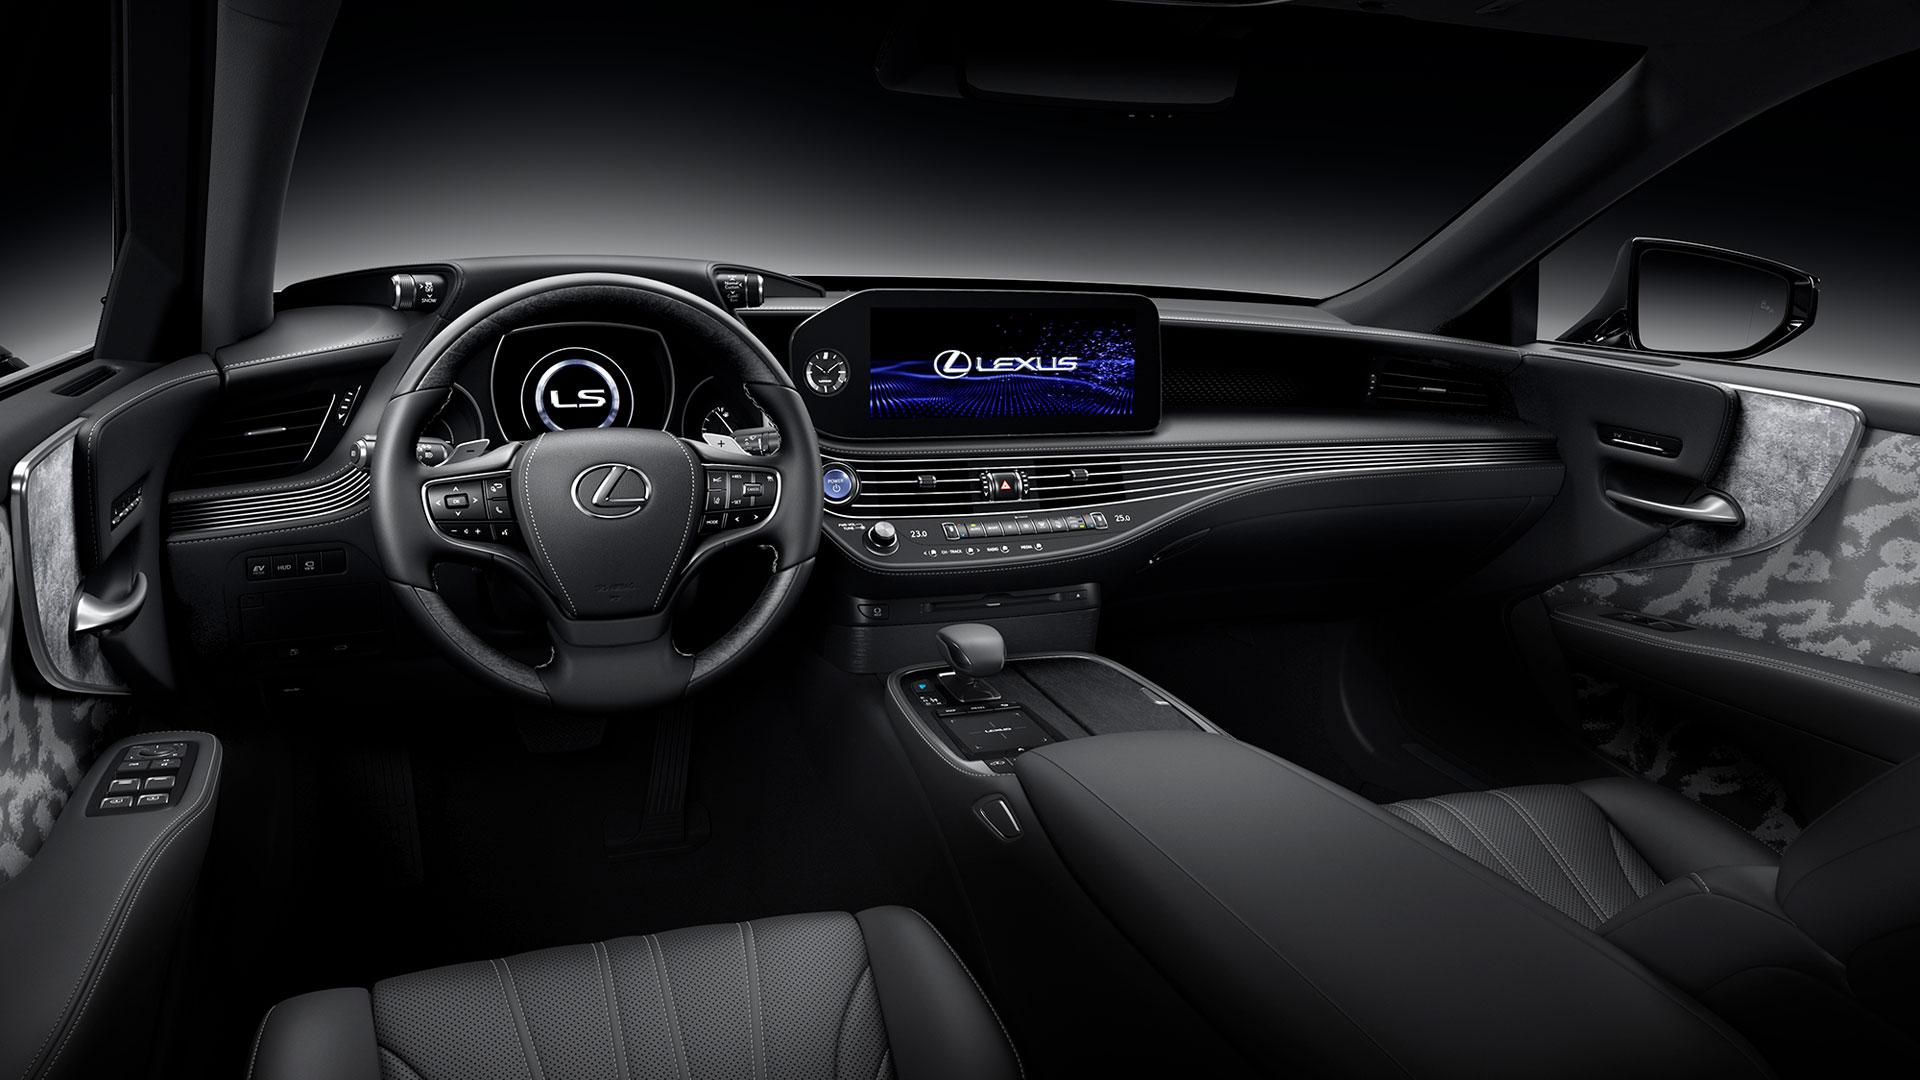 Nuevo Lexus ls hero asset